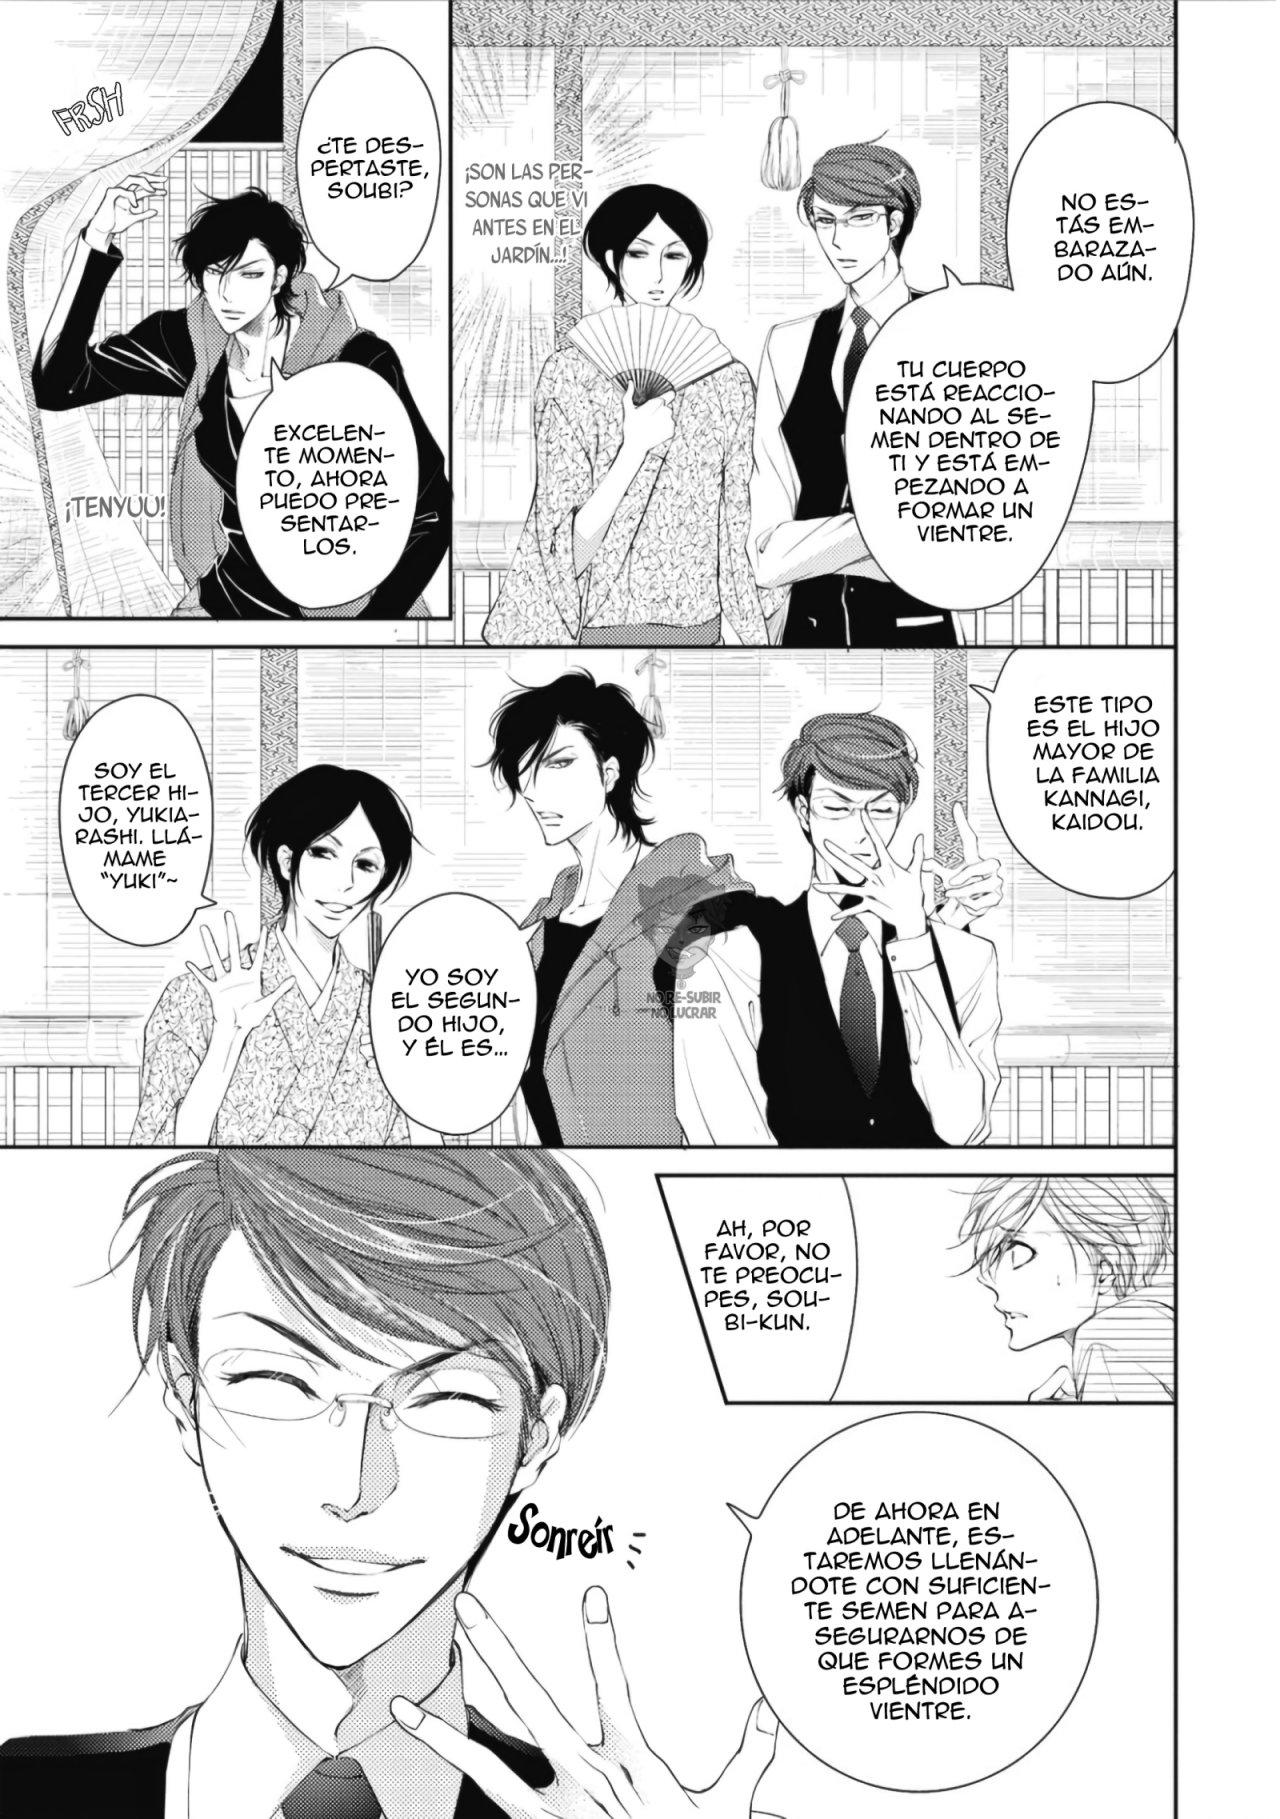 https://nine.mangadogs.com/es_manga/pic8/51/36659/946321/dbb77b62ae881389d42bc4b906066292.jpg Page 29